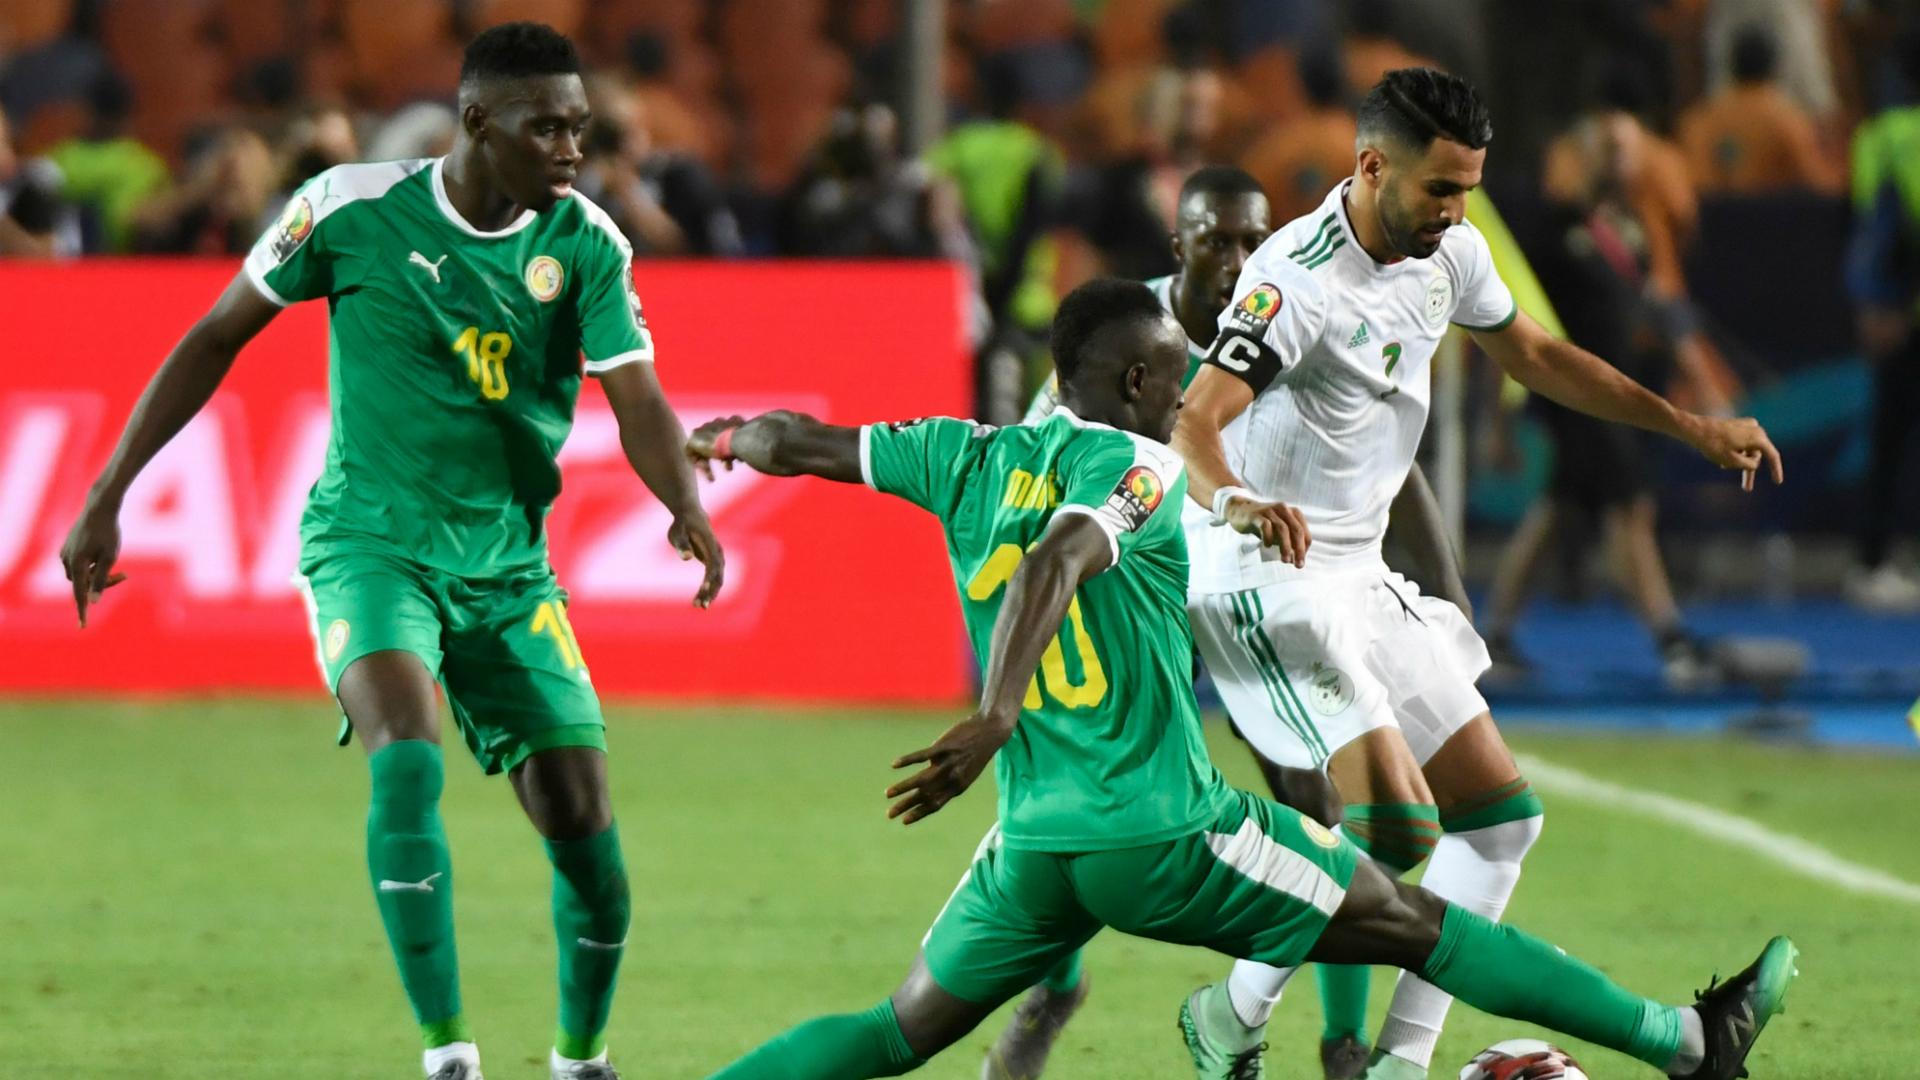 Riyad Mahrez, Sadio Mane, Ismaila Sarr - Algeria vs Senegal